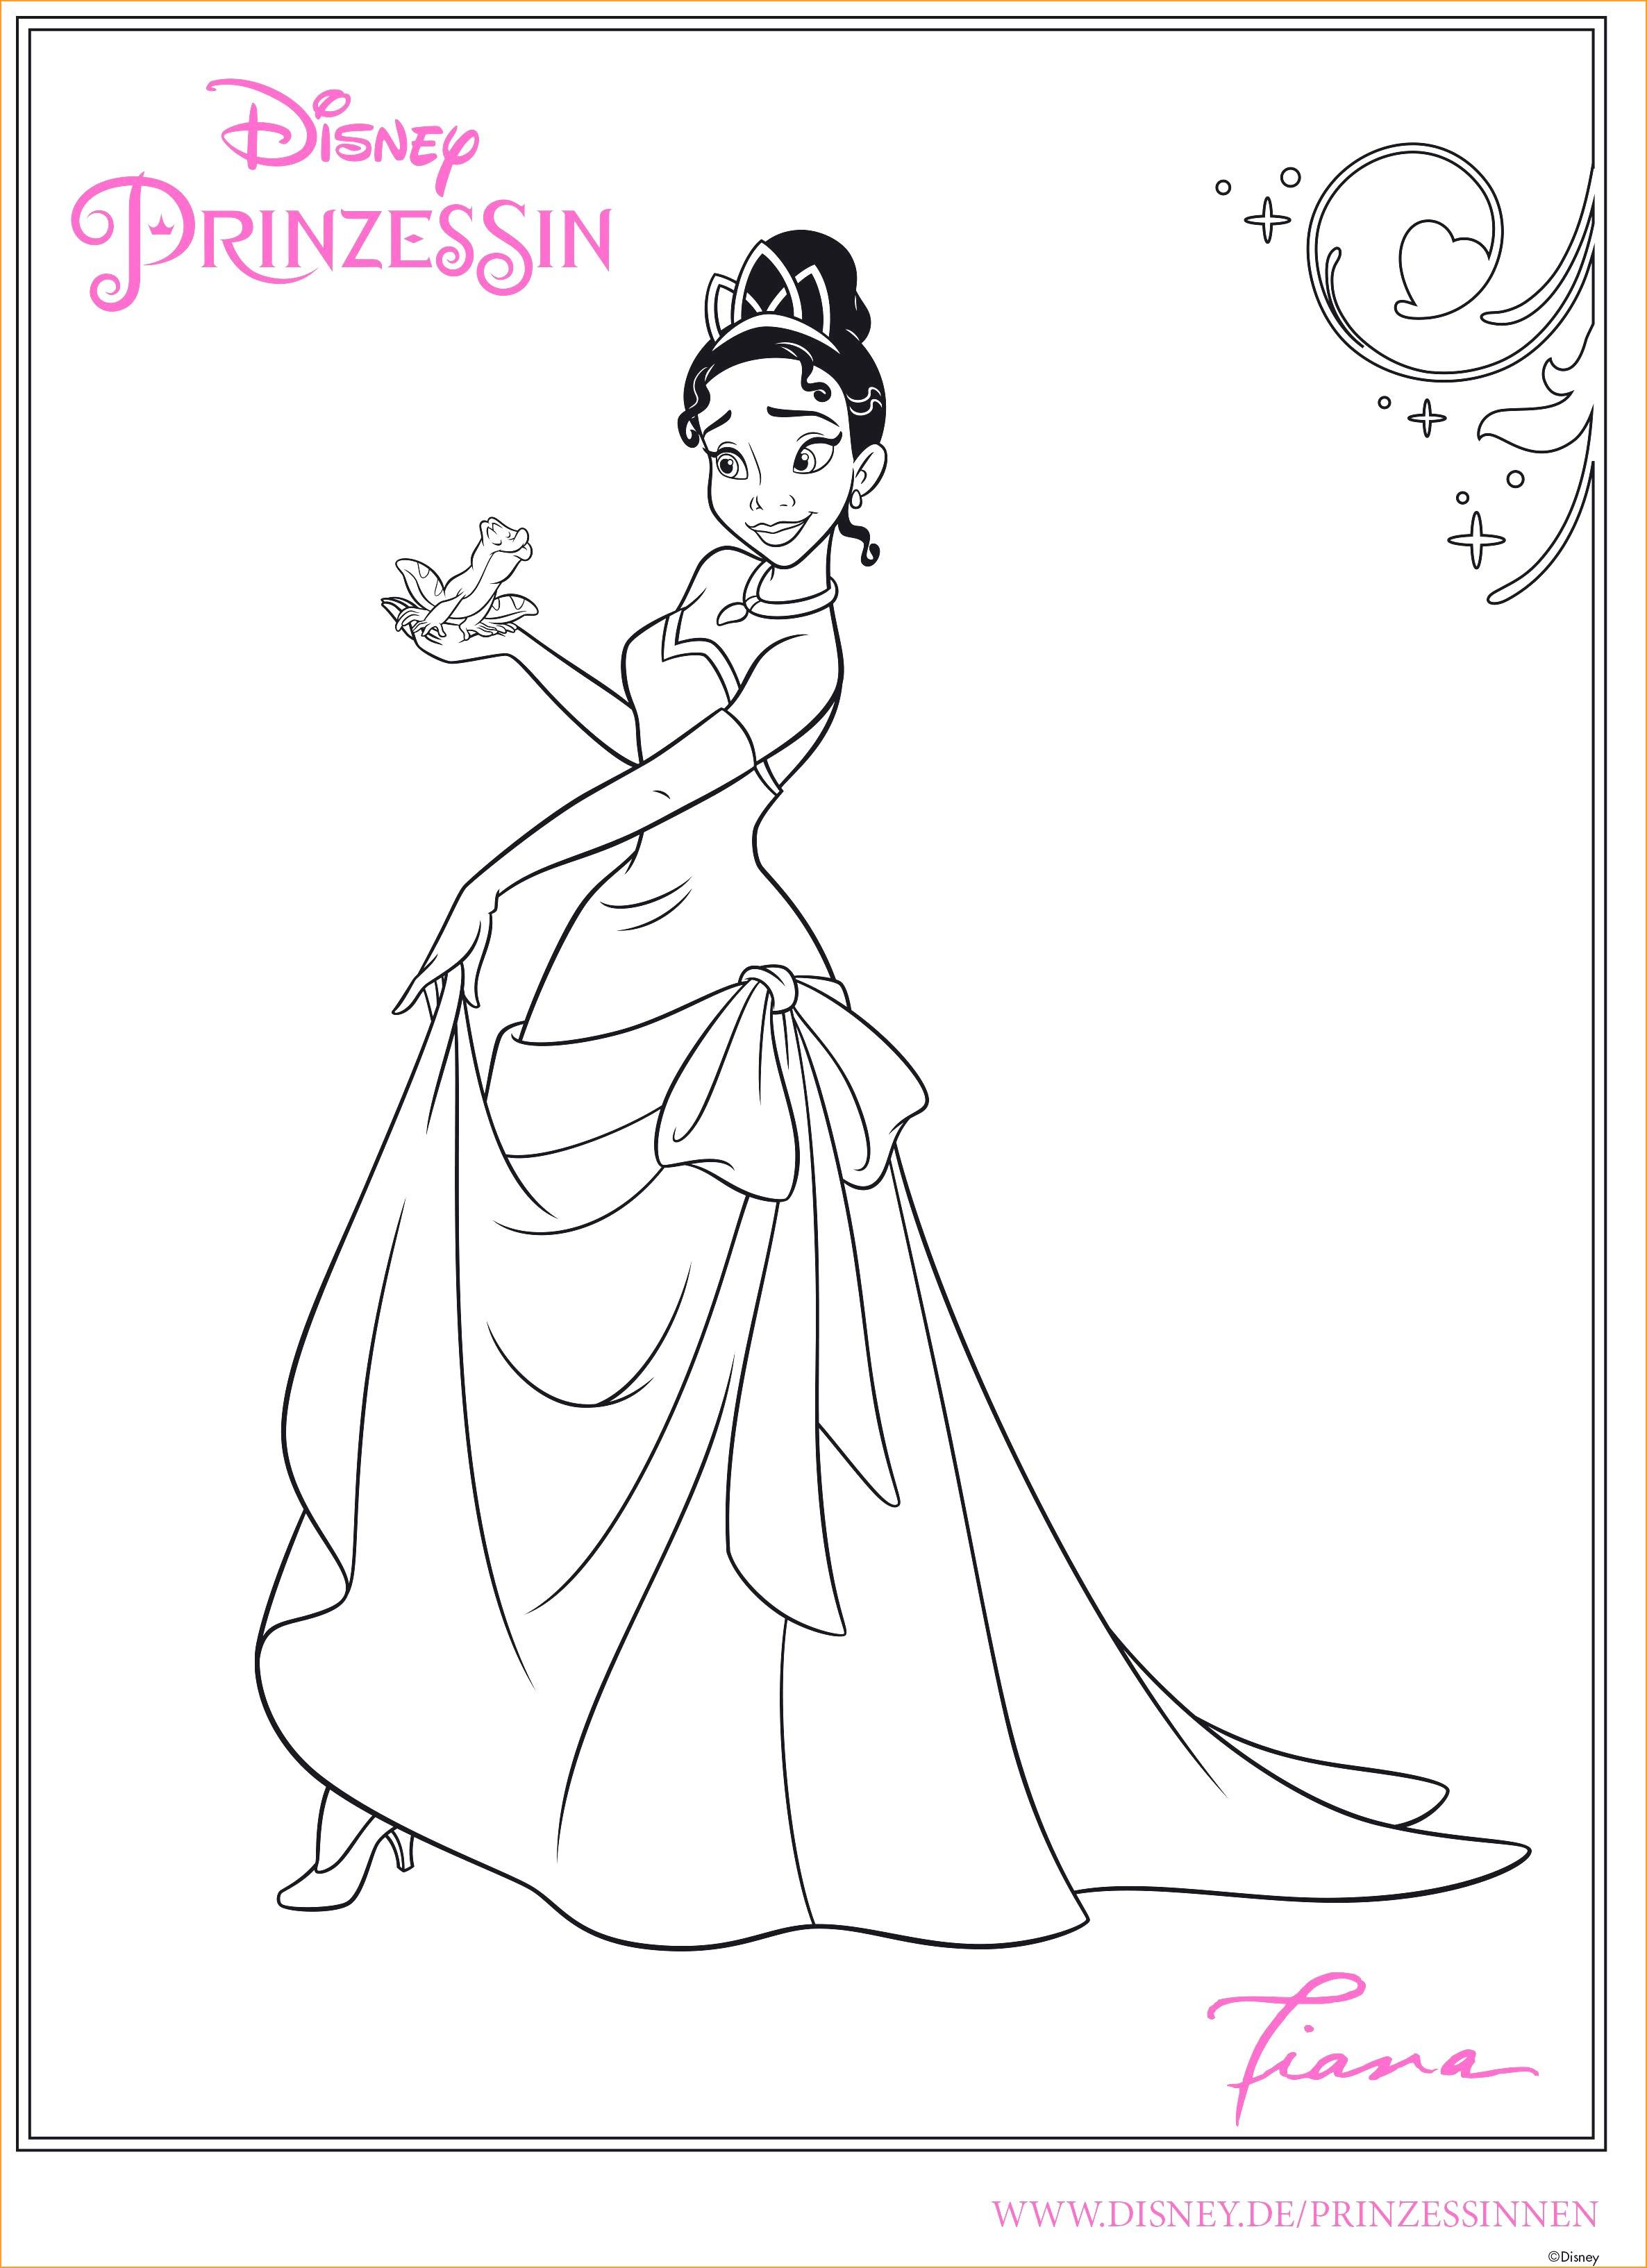 Ausmalbilder Prinzessin sofia Das Beste Von Disney Prinzessinnen Prinzessin Ausmalbild T8dj Fotografieren